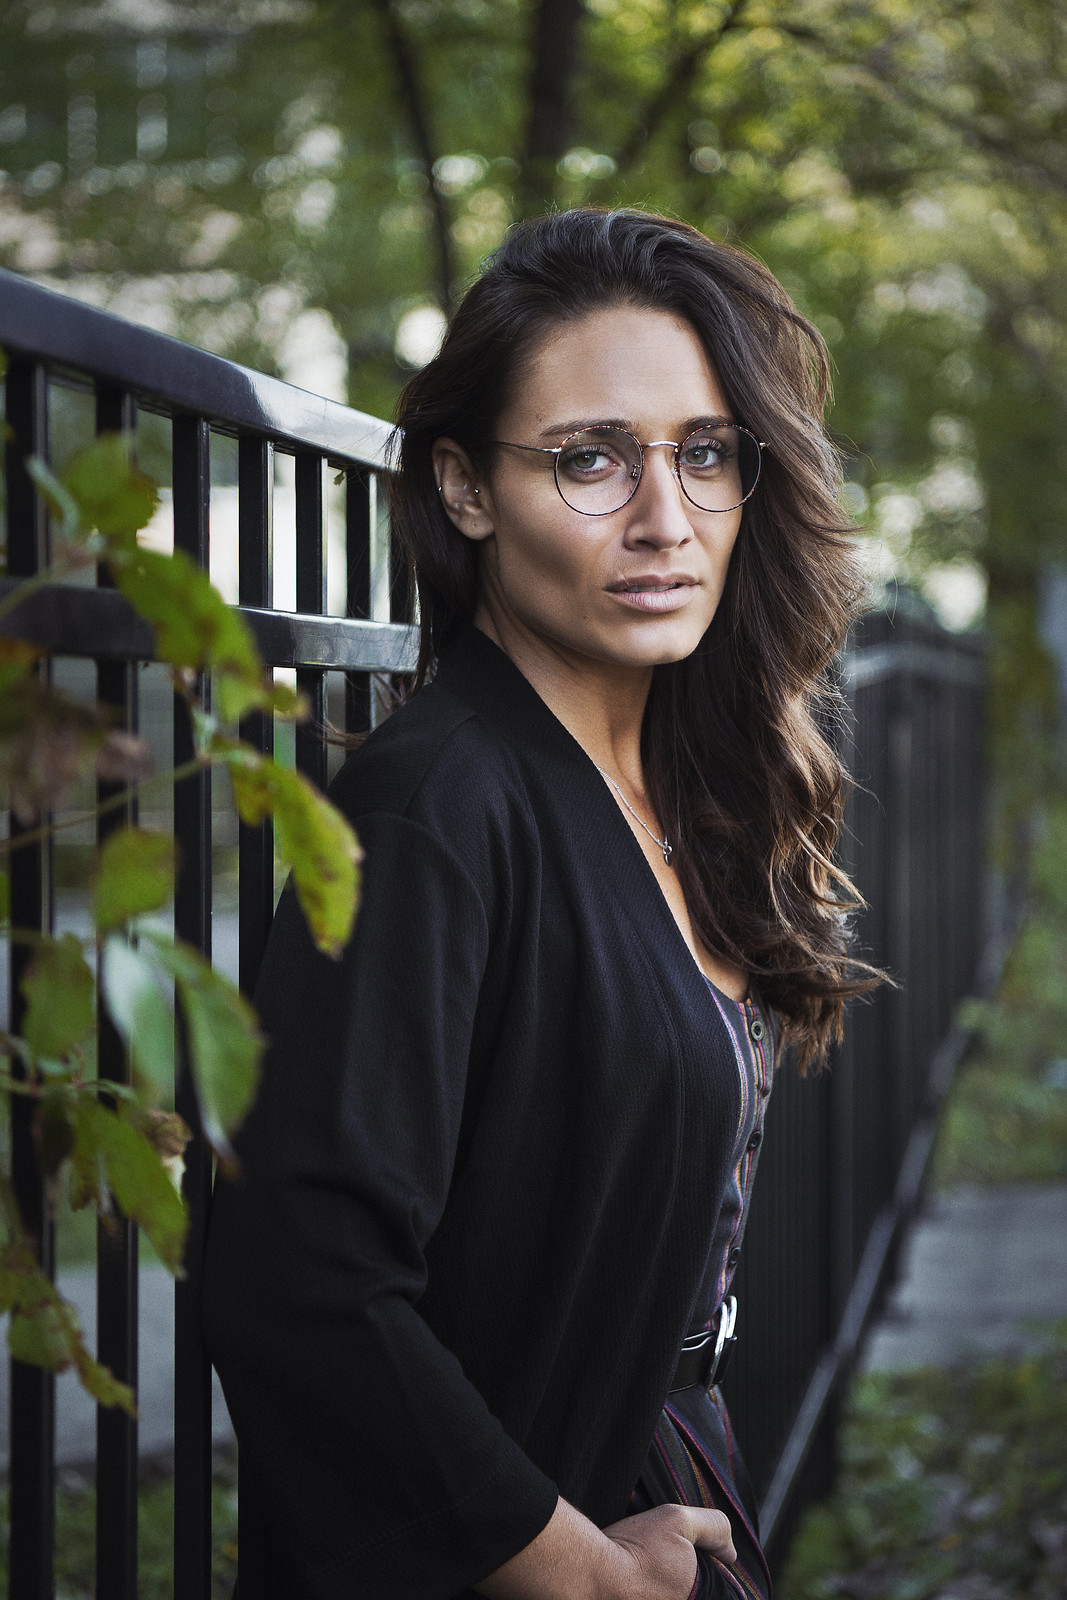 Camille Dg avec des lunettes rondes